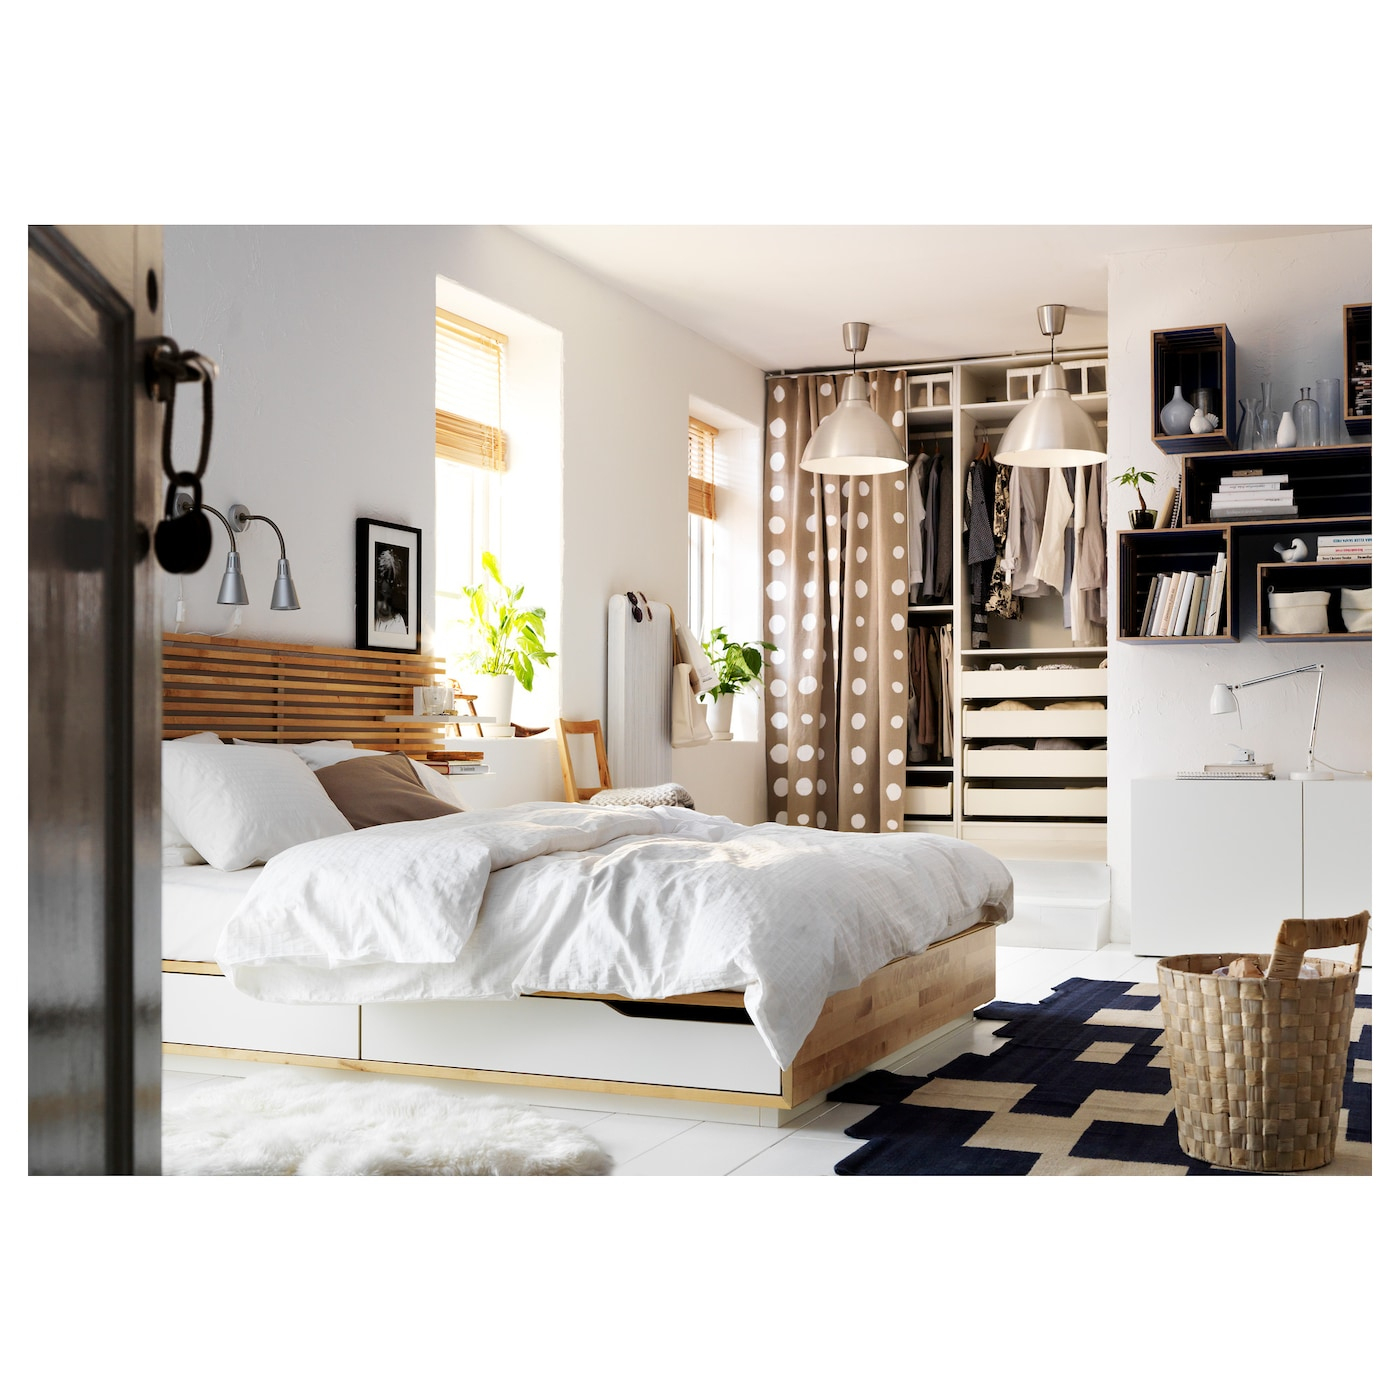 Mandal Tête De Lit - Bouleau/Blanc 240 Cm intérieur Coussins Tête De Lit Ikea